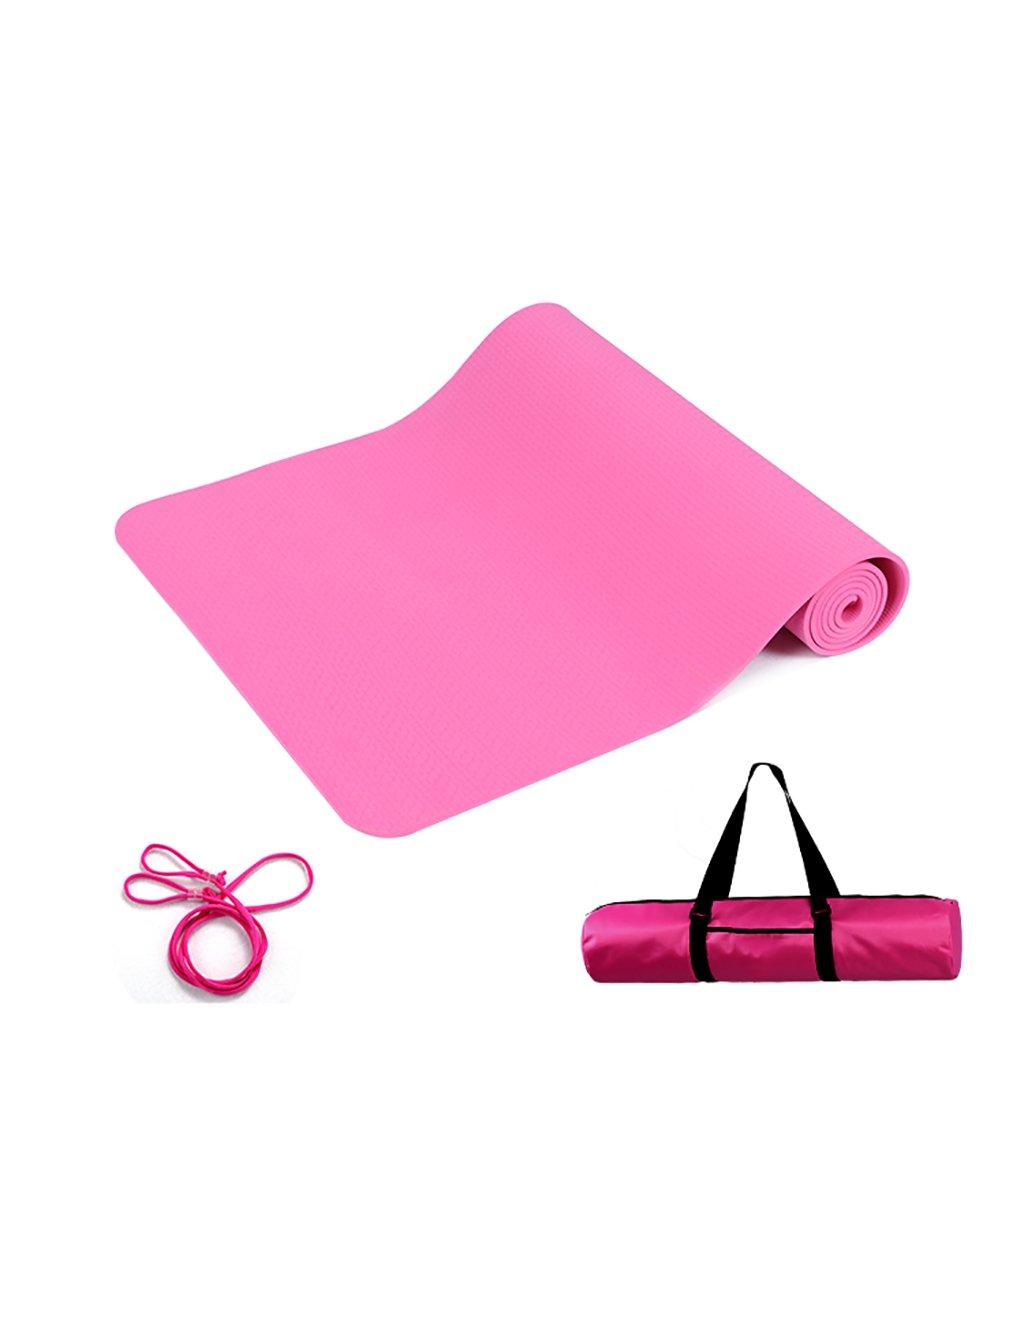 rose LWH  183cm61cm0.6cm YJD Tapis de Yoga antidérapant de Tapis de Yoga de Tapis d'exercice de Tapis de Yoga avec Une Corde et Paquet imperméable de Haut Niveau 6mm